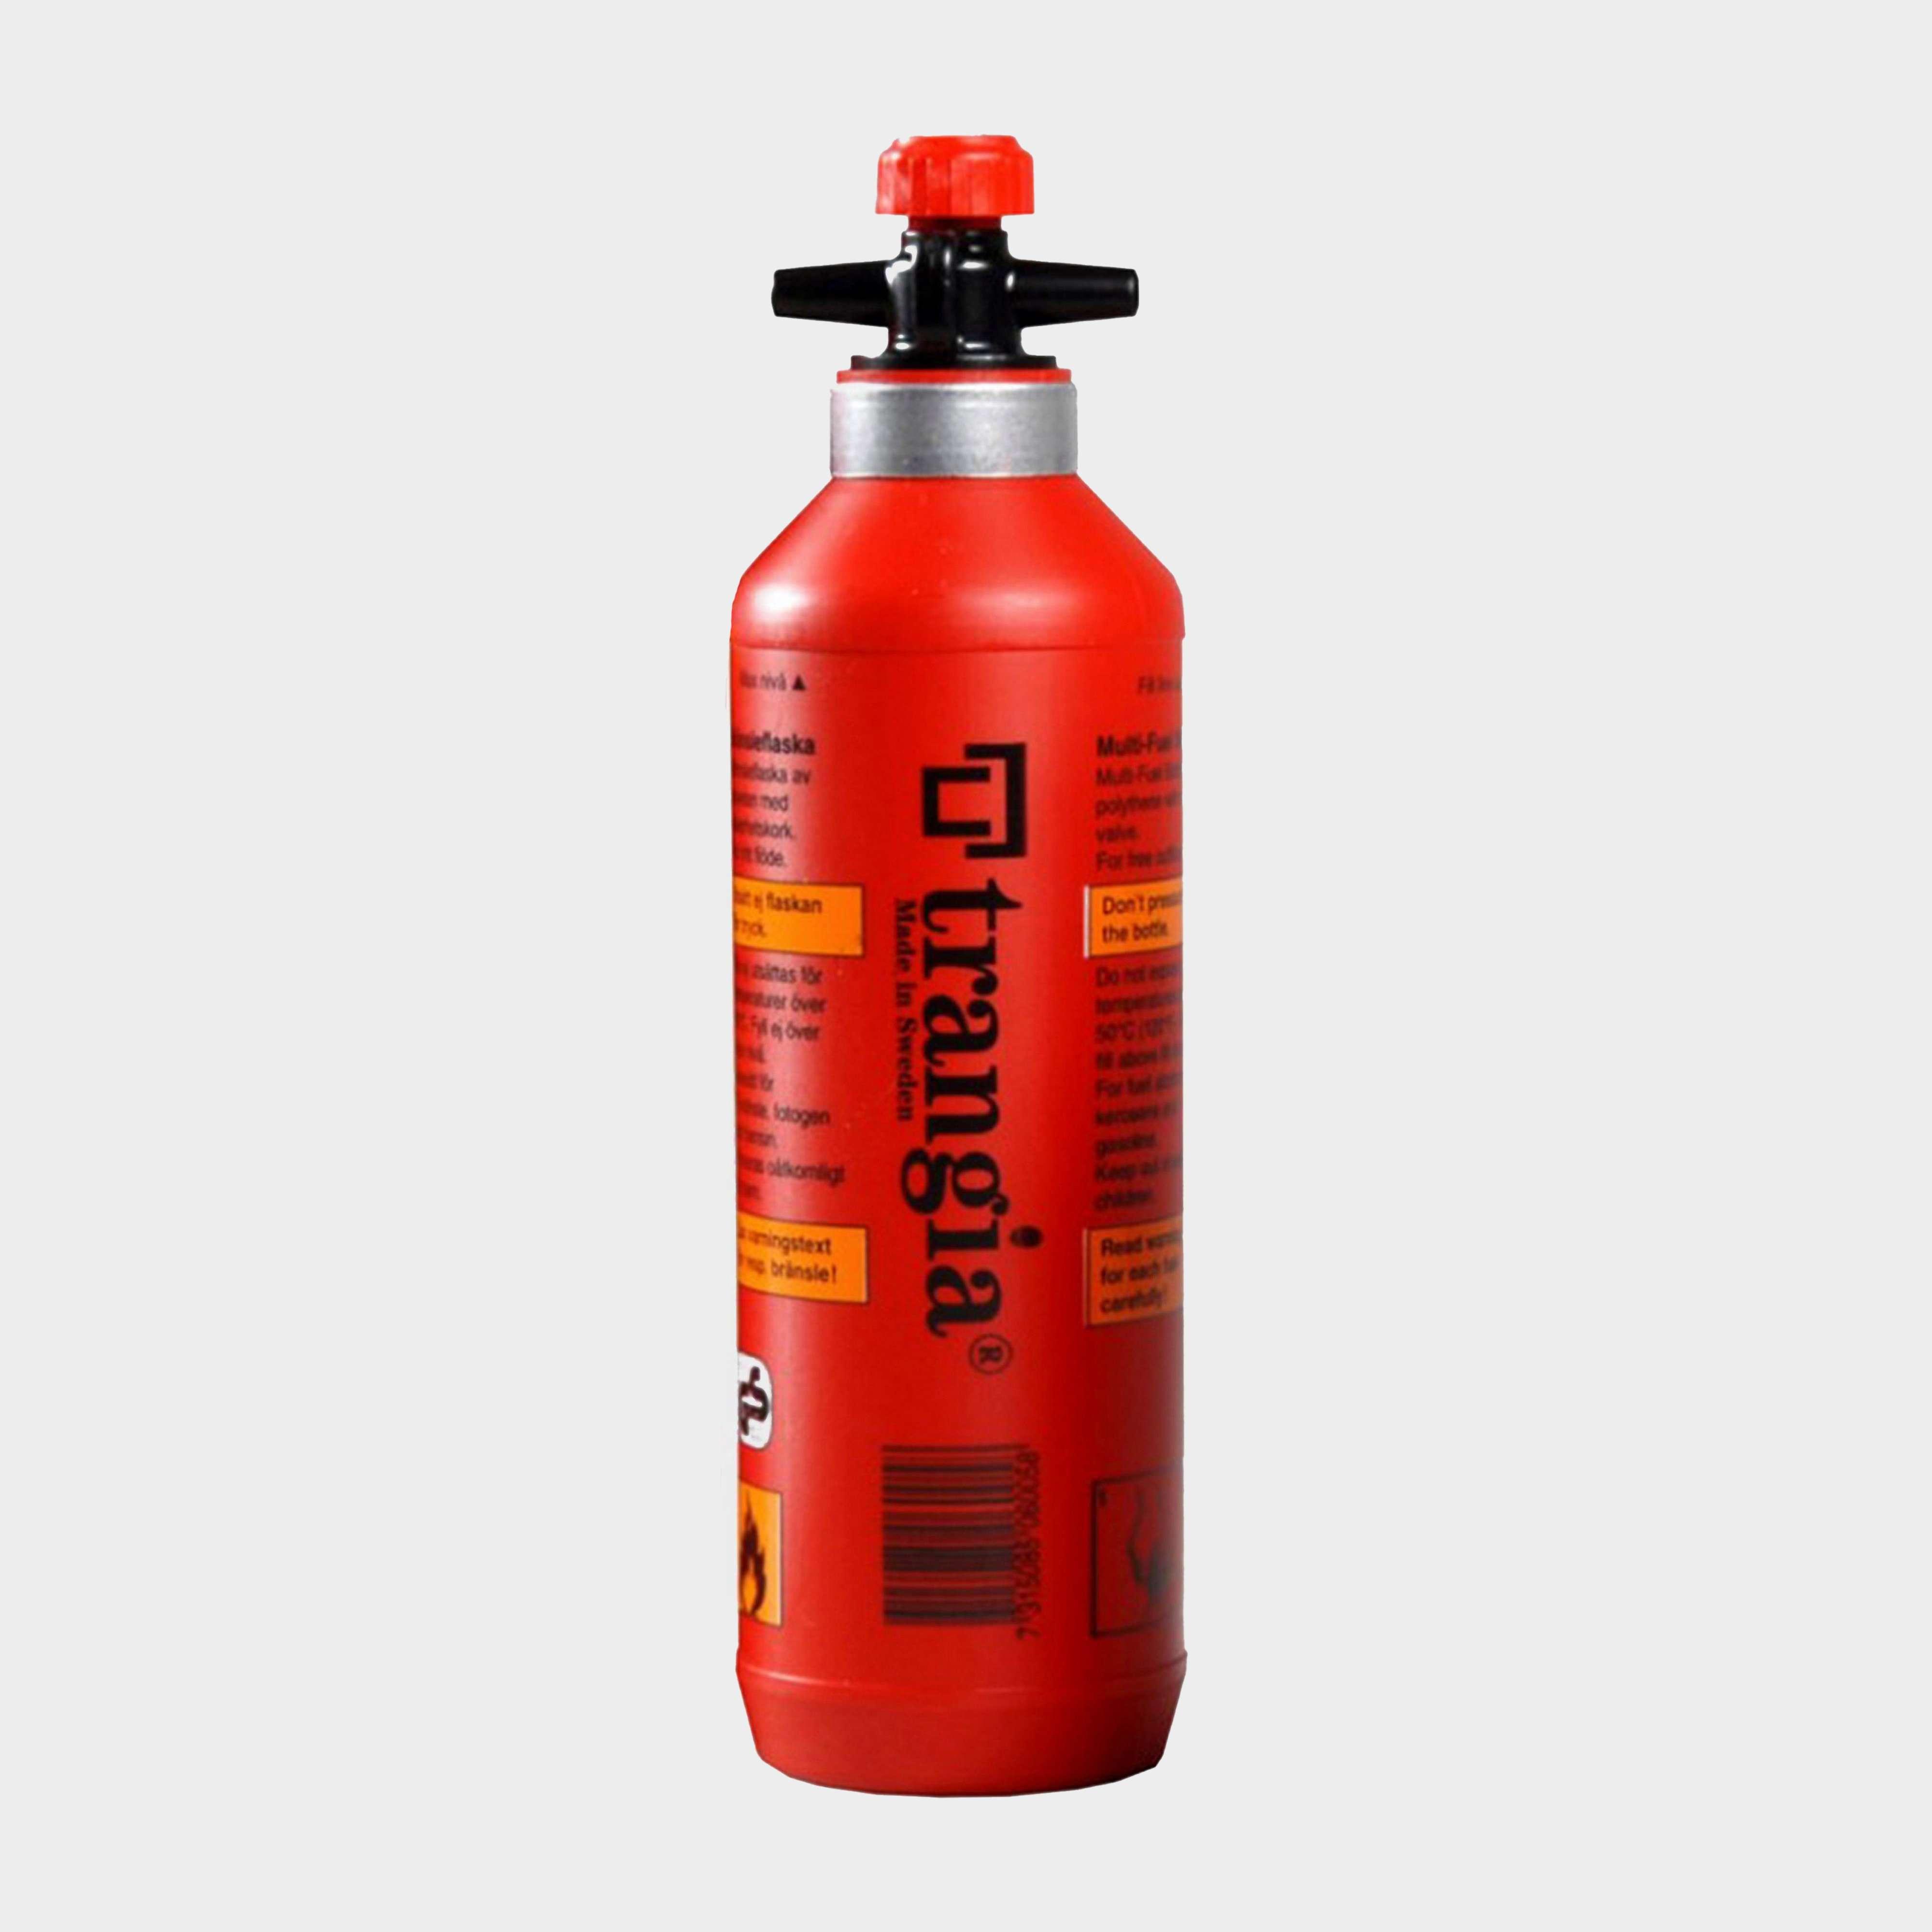 TRANGIA 0.3L Fuel Bottle